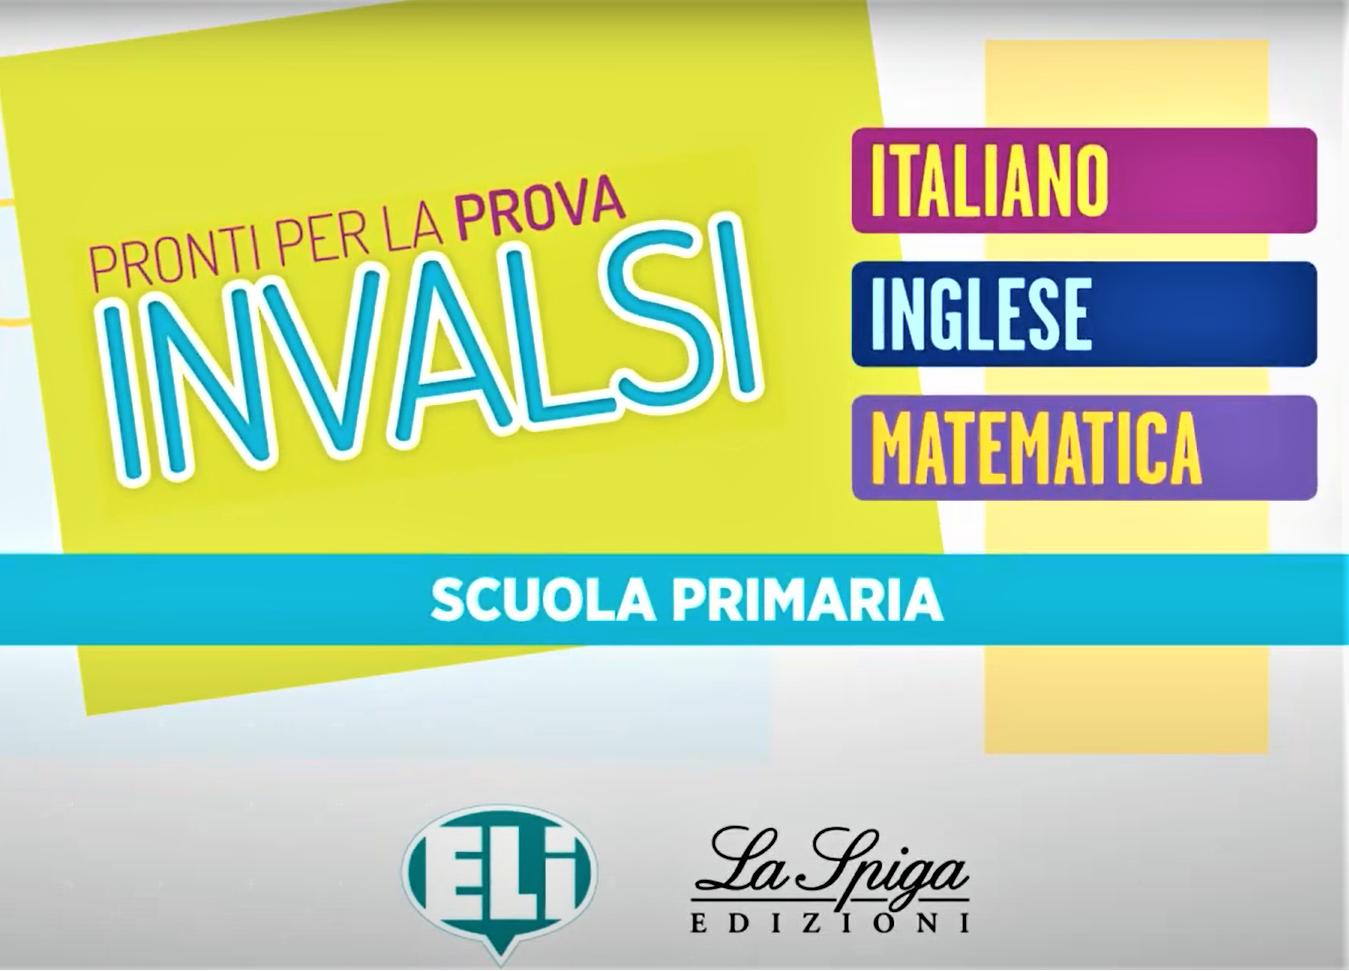 invalsieli (2).PNG